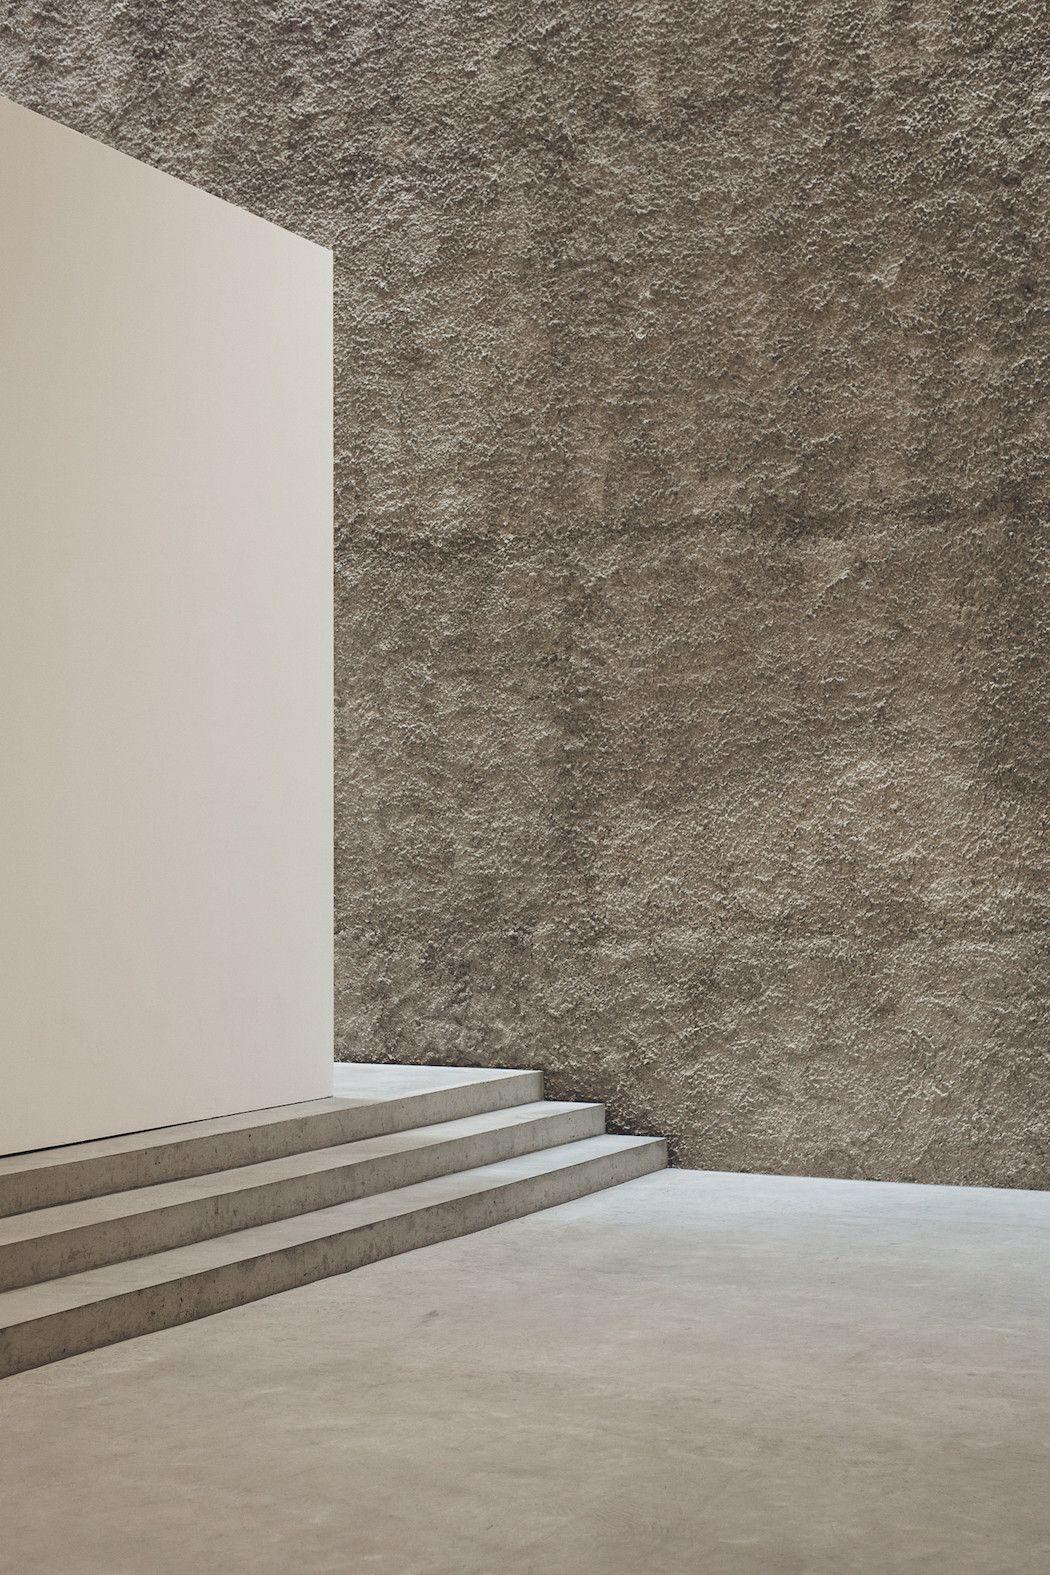 Konig Galerie Berlin Germany Ignant Architecture Art And Architecture Architectural Inspiration